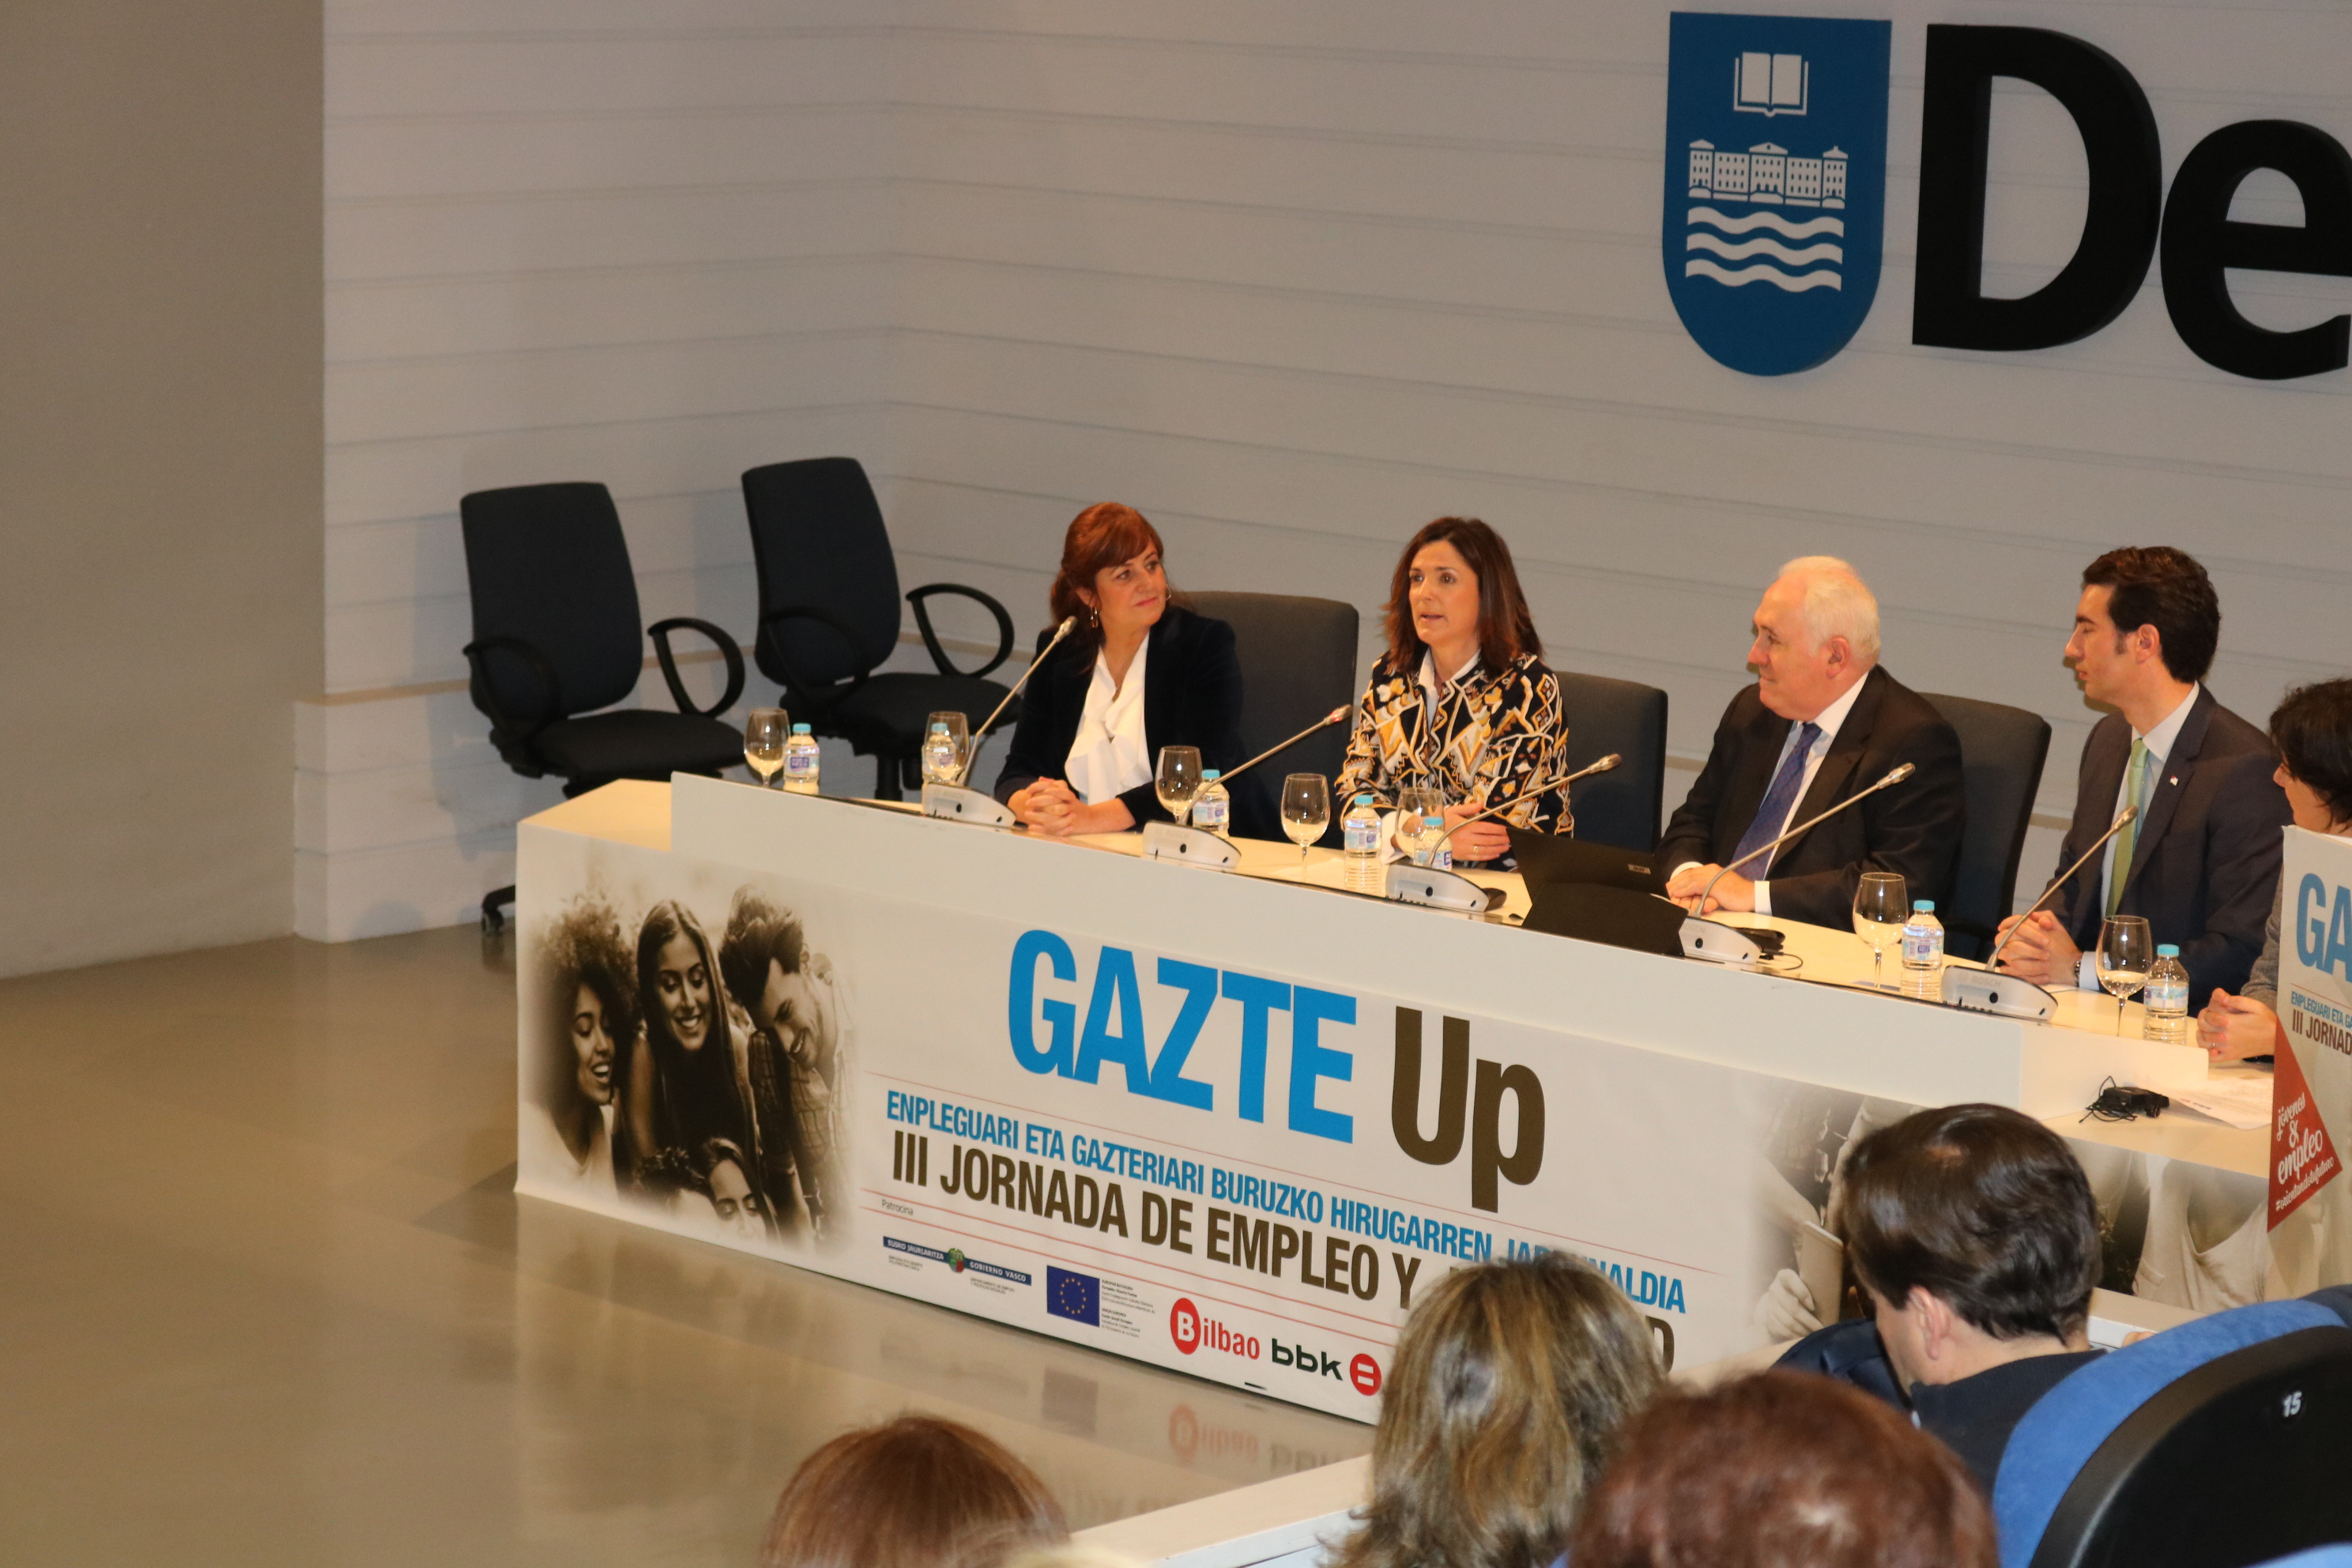 22_02_17_Gazte_Up_Deusto__25_.JPG